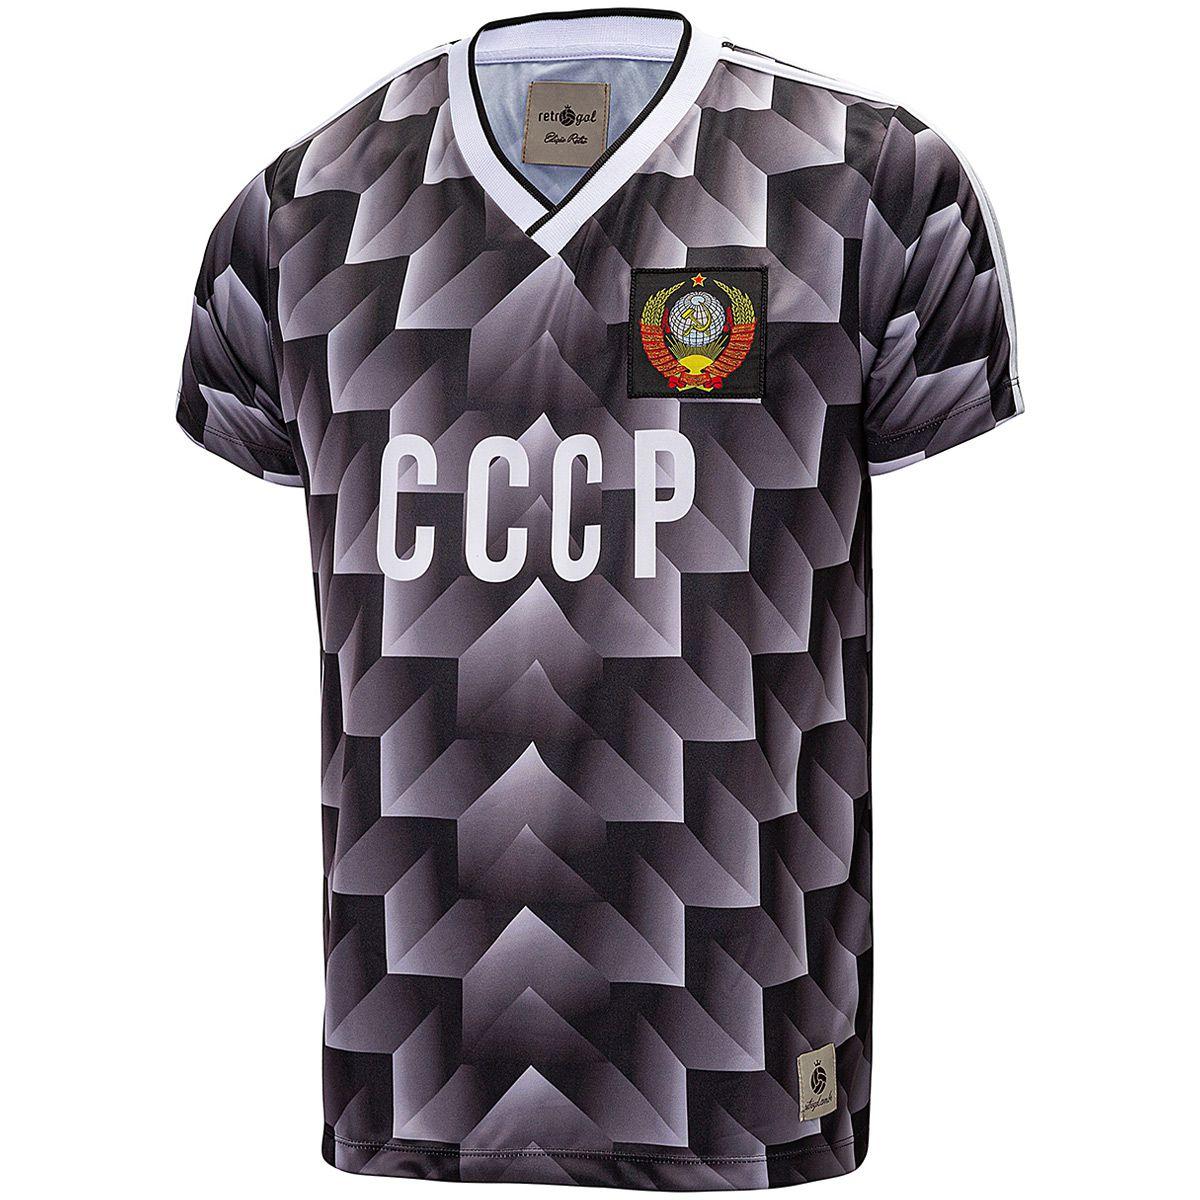 Camisa CCCP Retrô 1988 União Soviética Preta Masculino